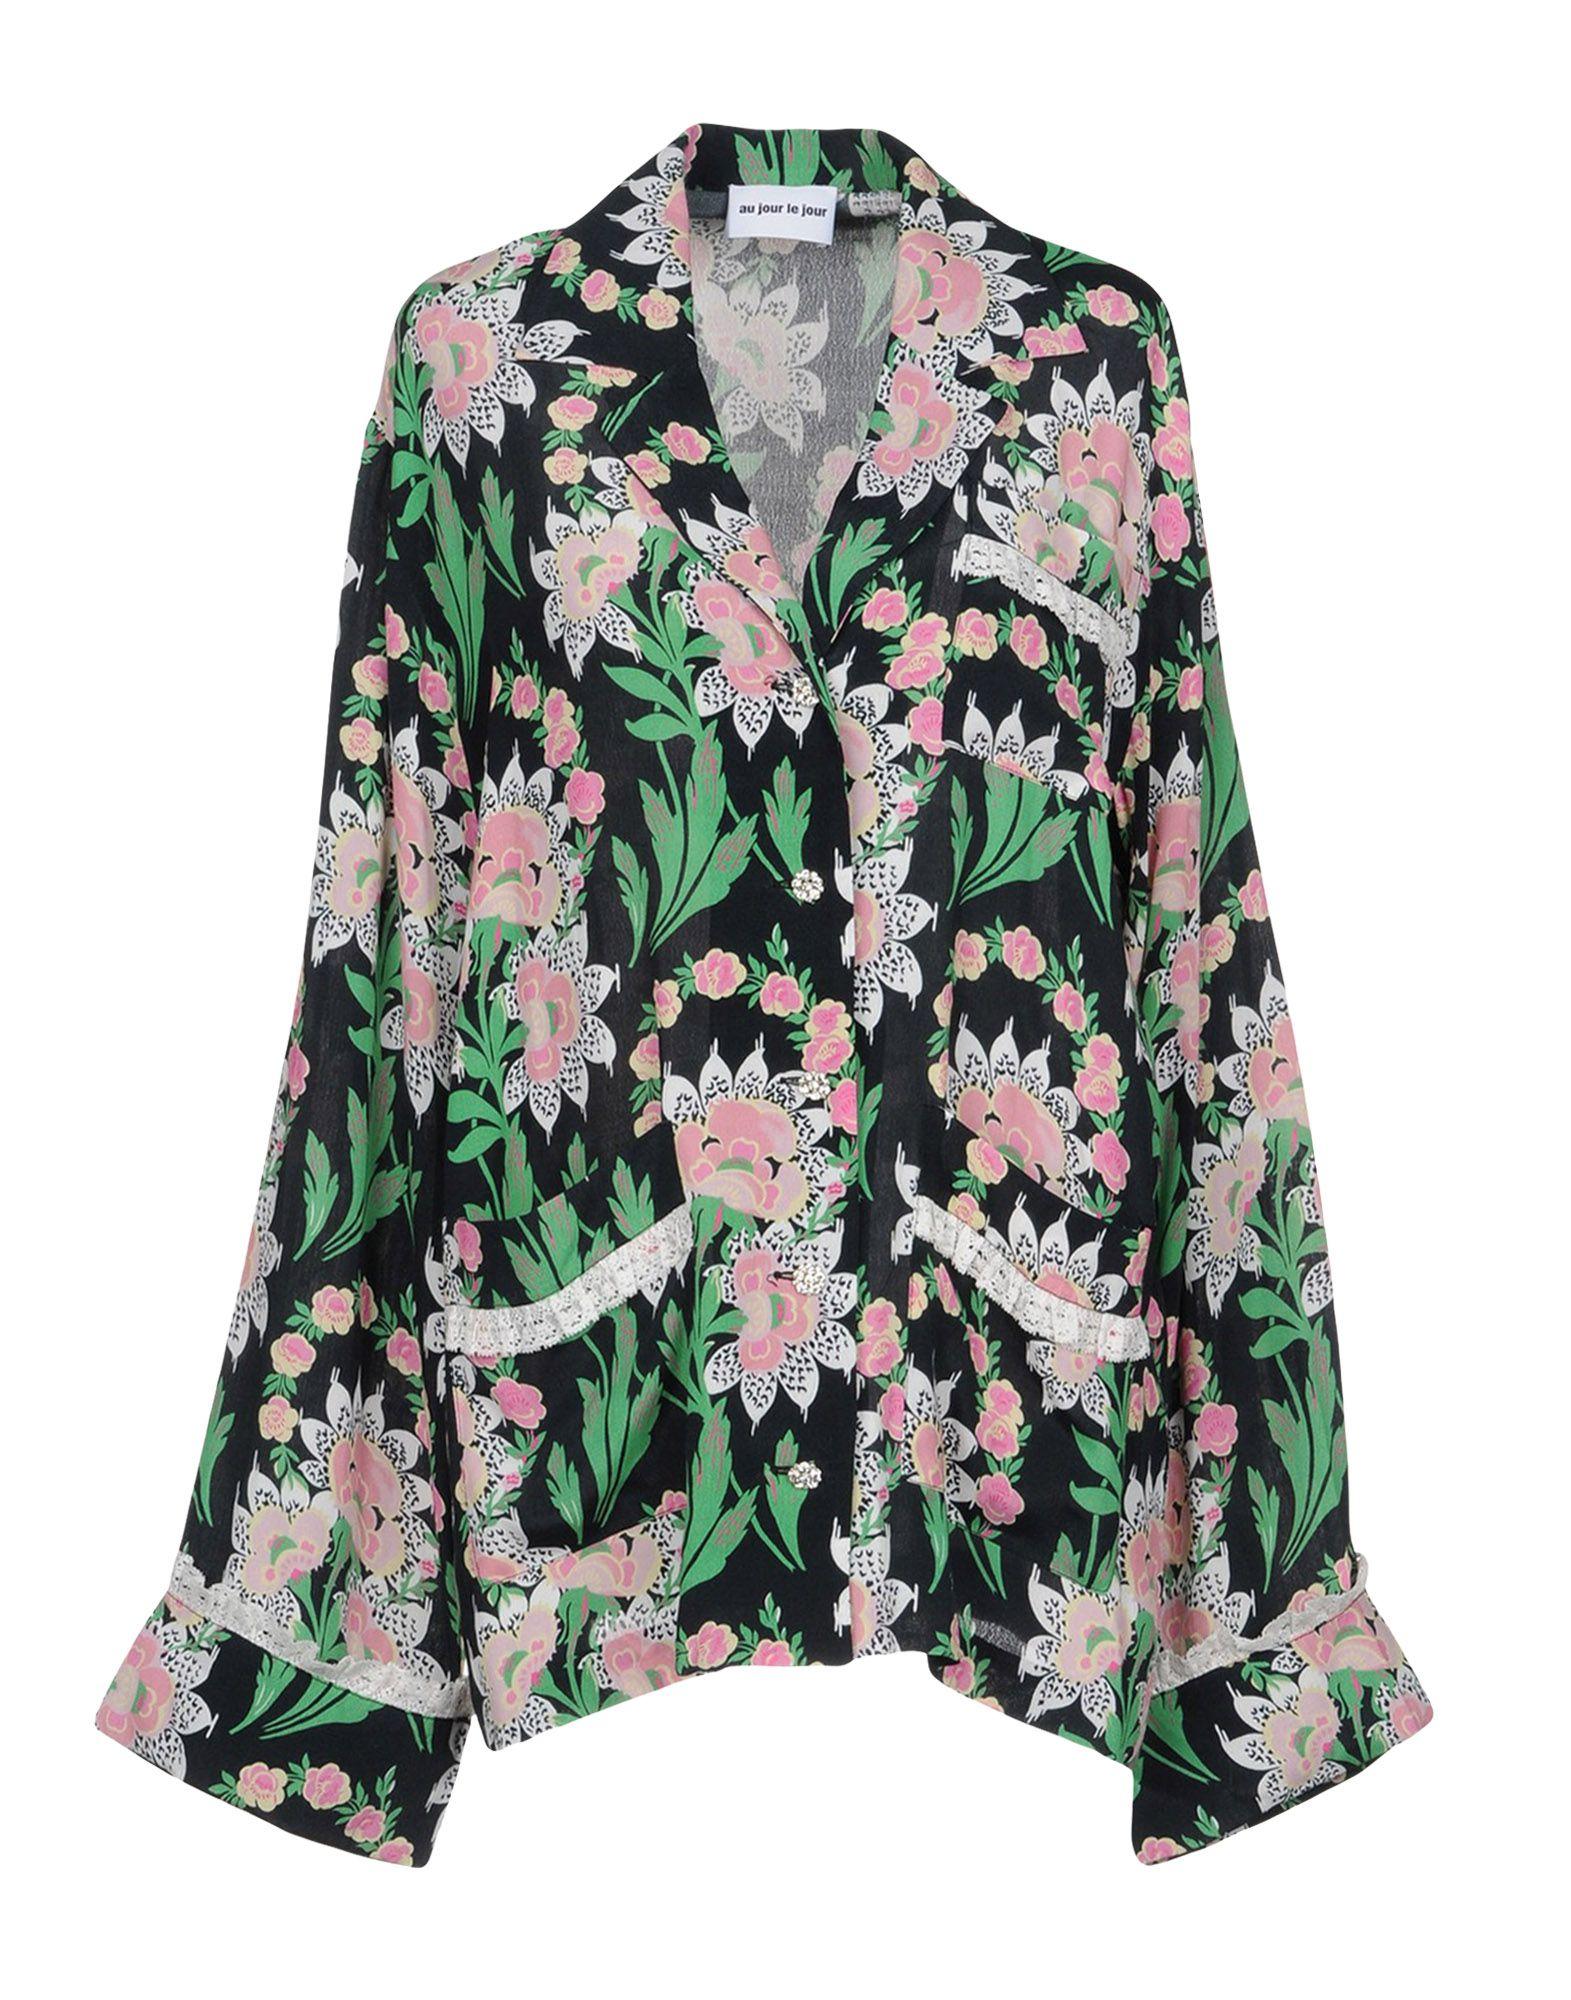 Au Jour Le Jour Floral Shirts & Blouses In Black